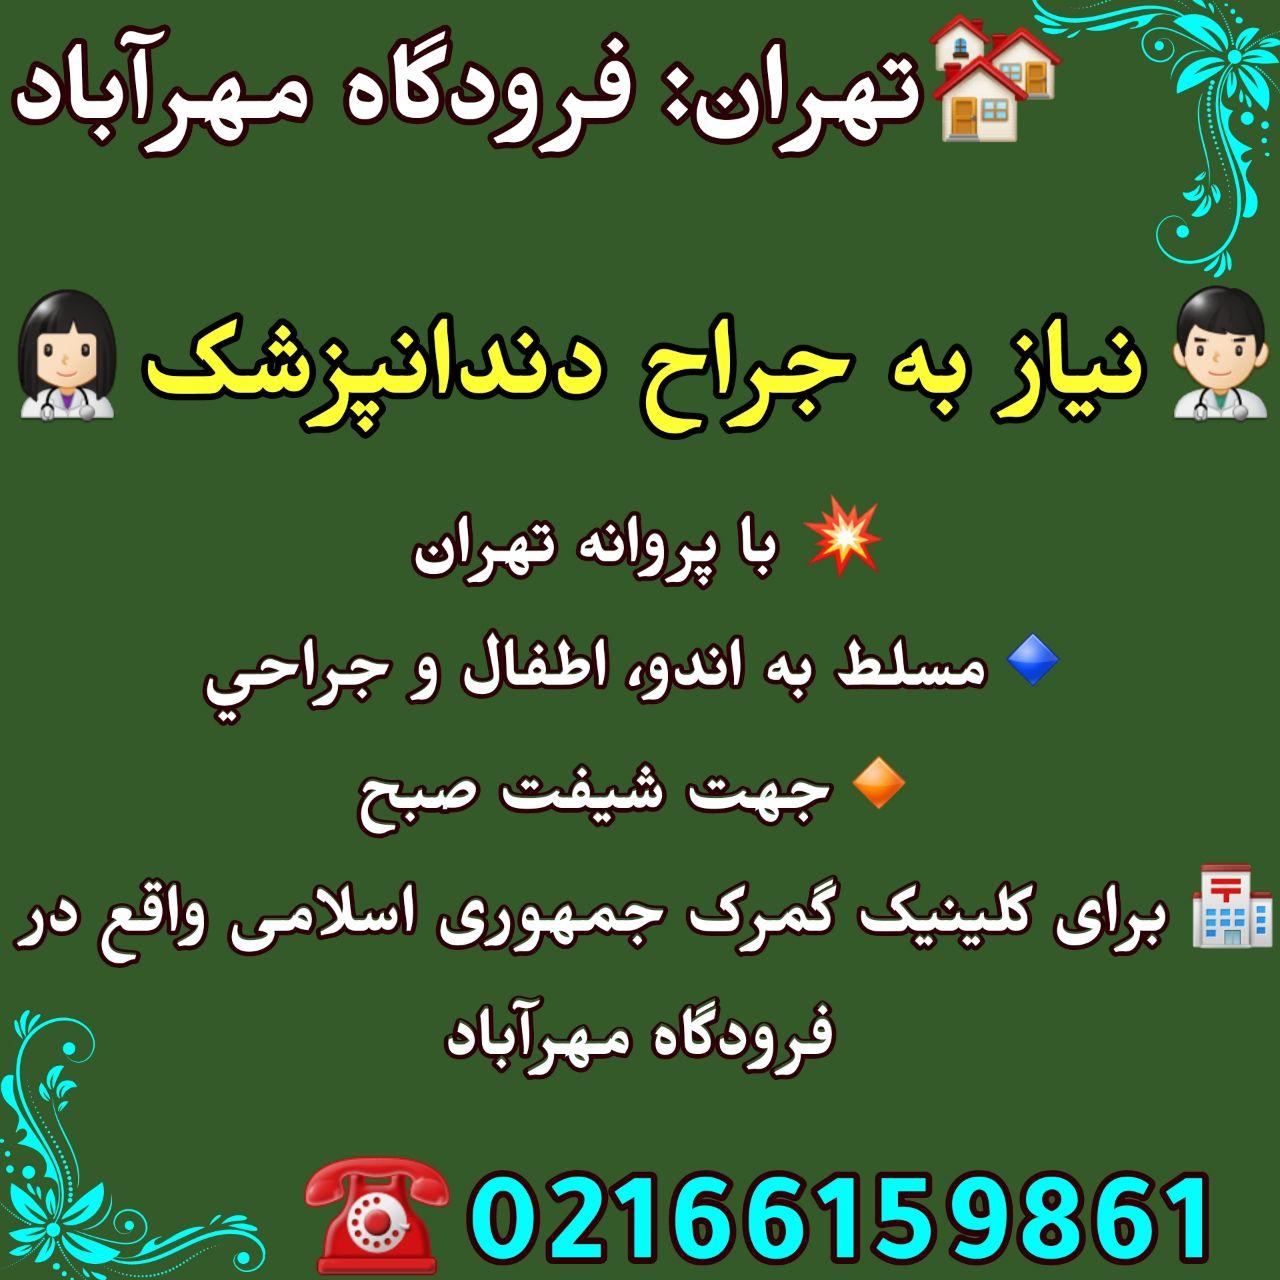 تهران: فرودگاه مهرآباد، نیاز به جراح دندانپزشک